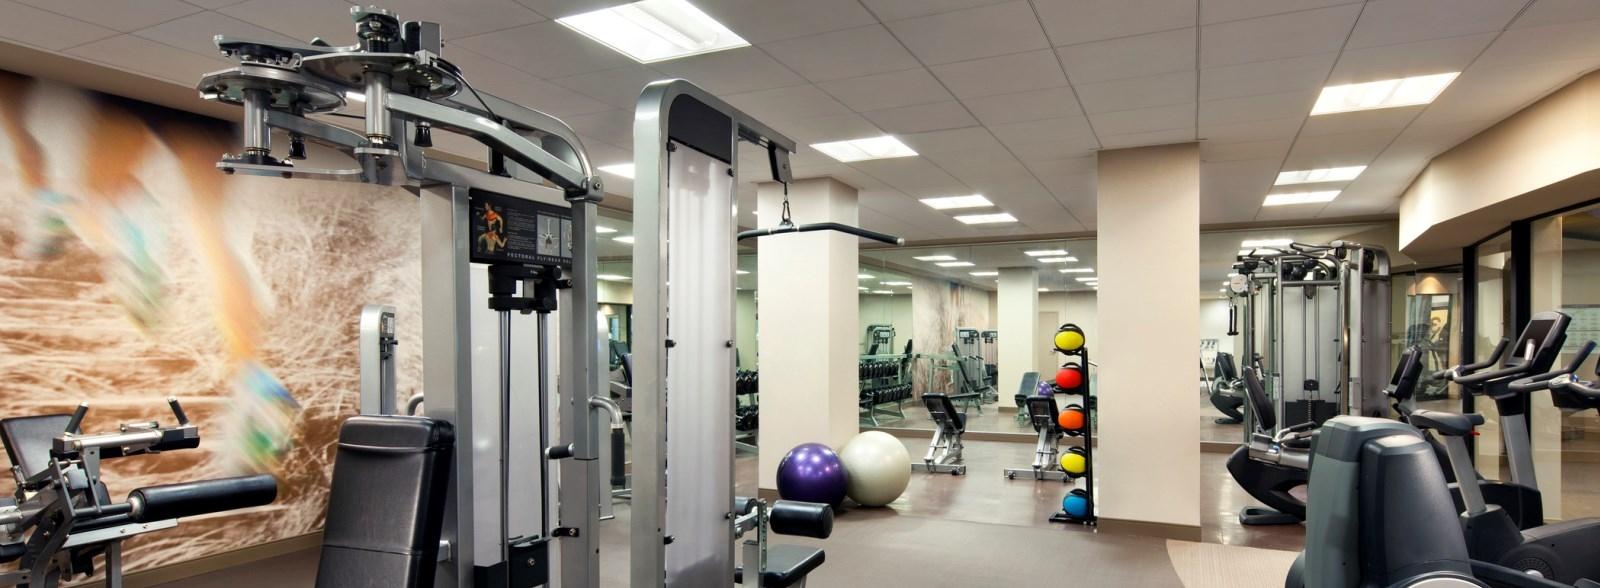 wes1004fc-133400-Fitness-Center--2-.jpg